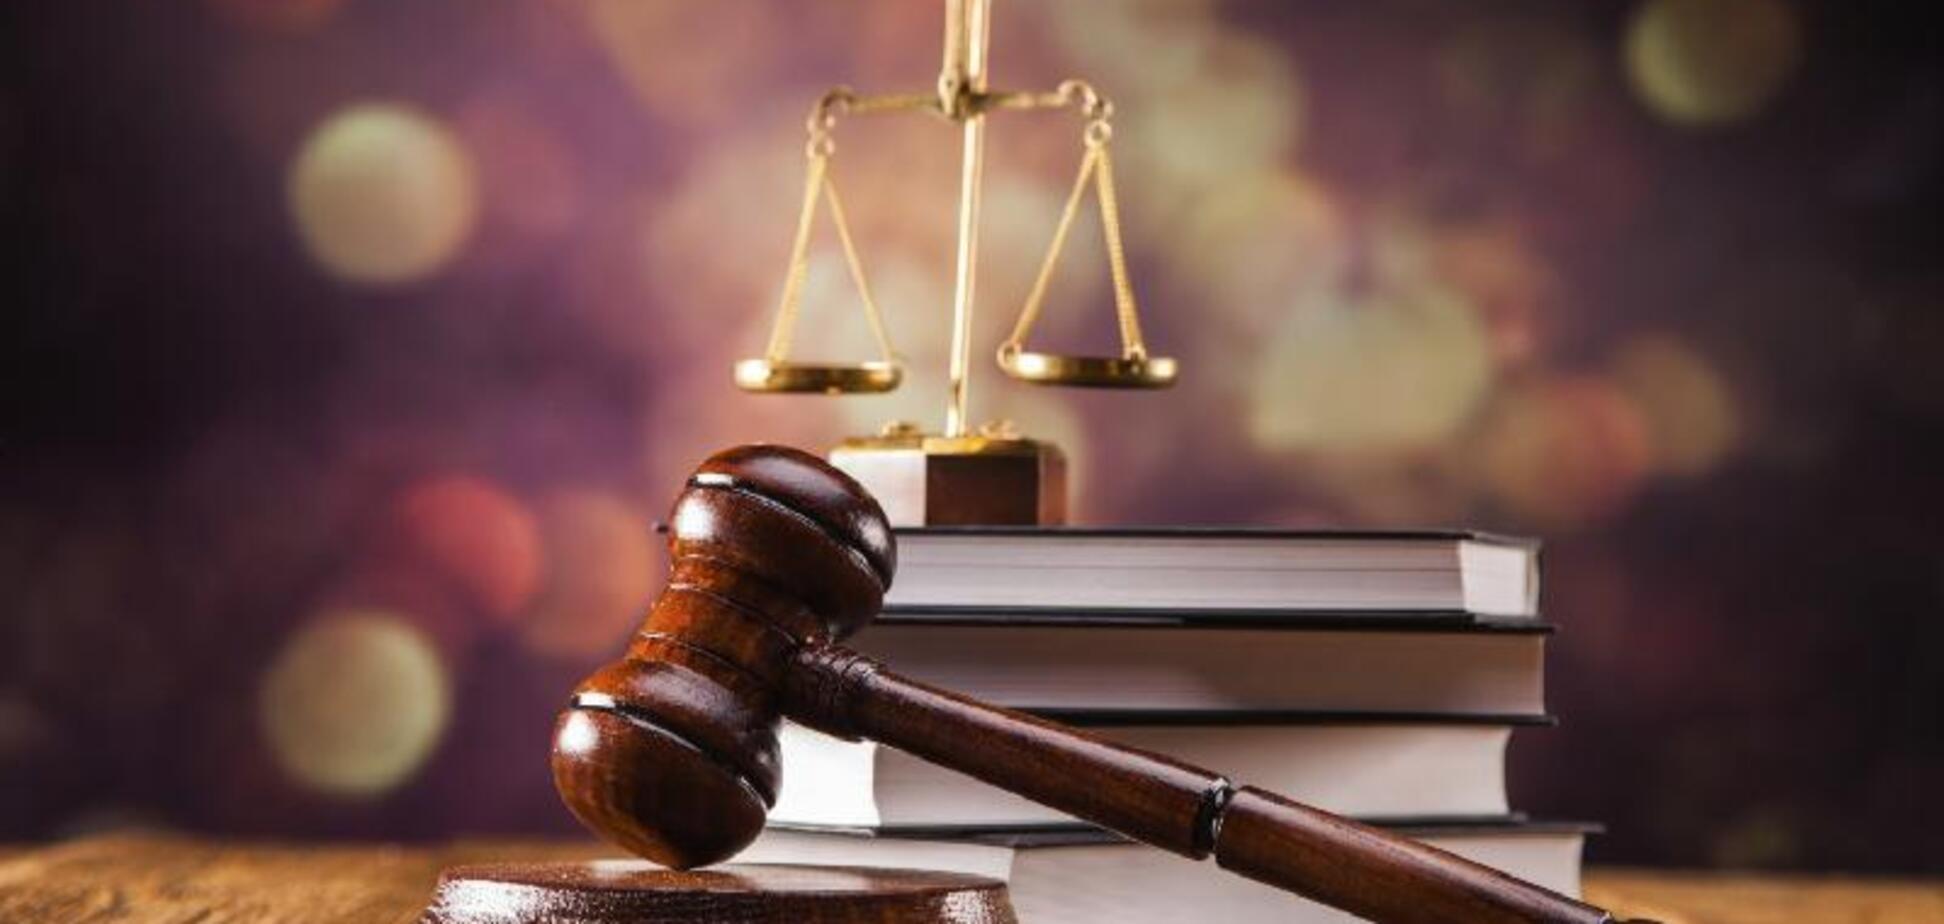 РПР призвал принять законопроект ''Об адвокатуре и адвокатской деятельности''в первом чтении